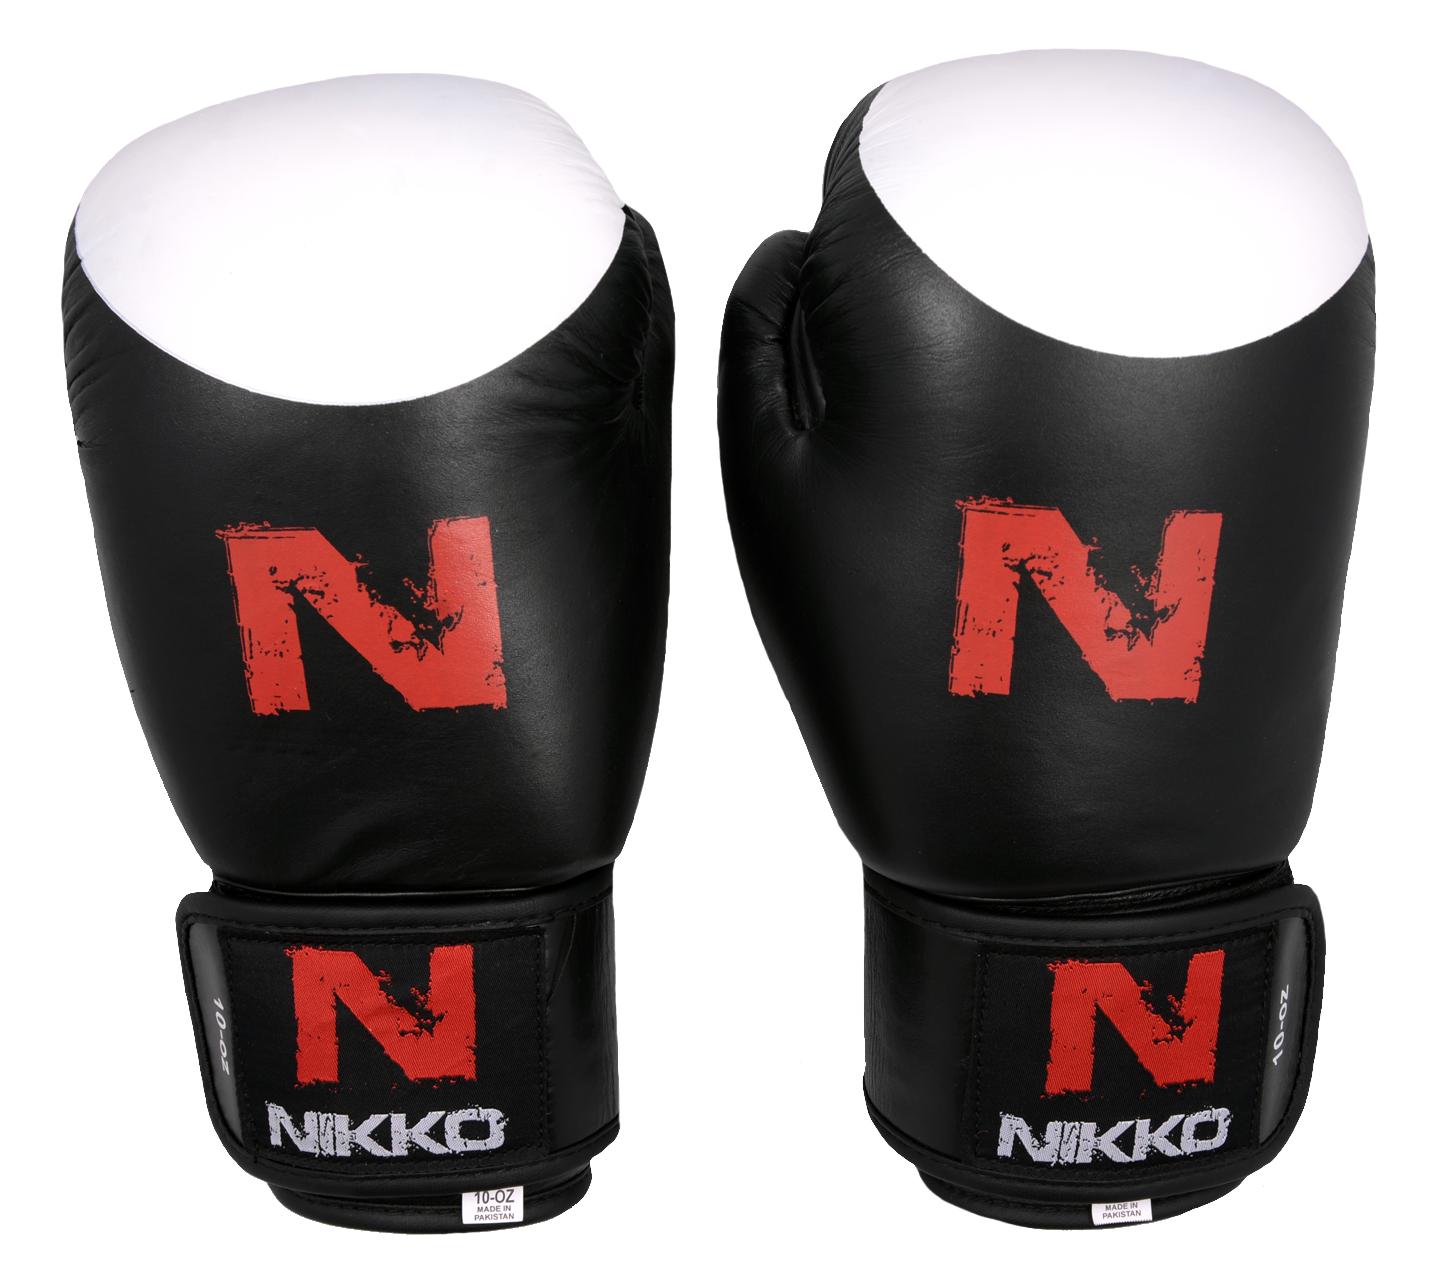 Nikko Bokshandschoenen Target